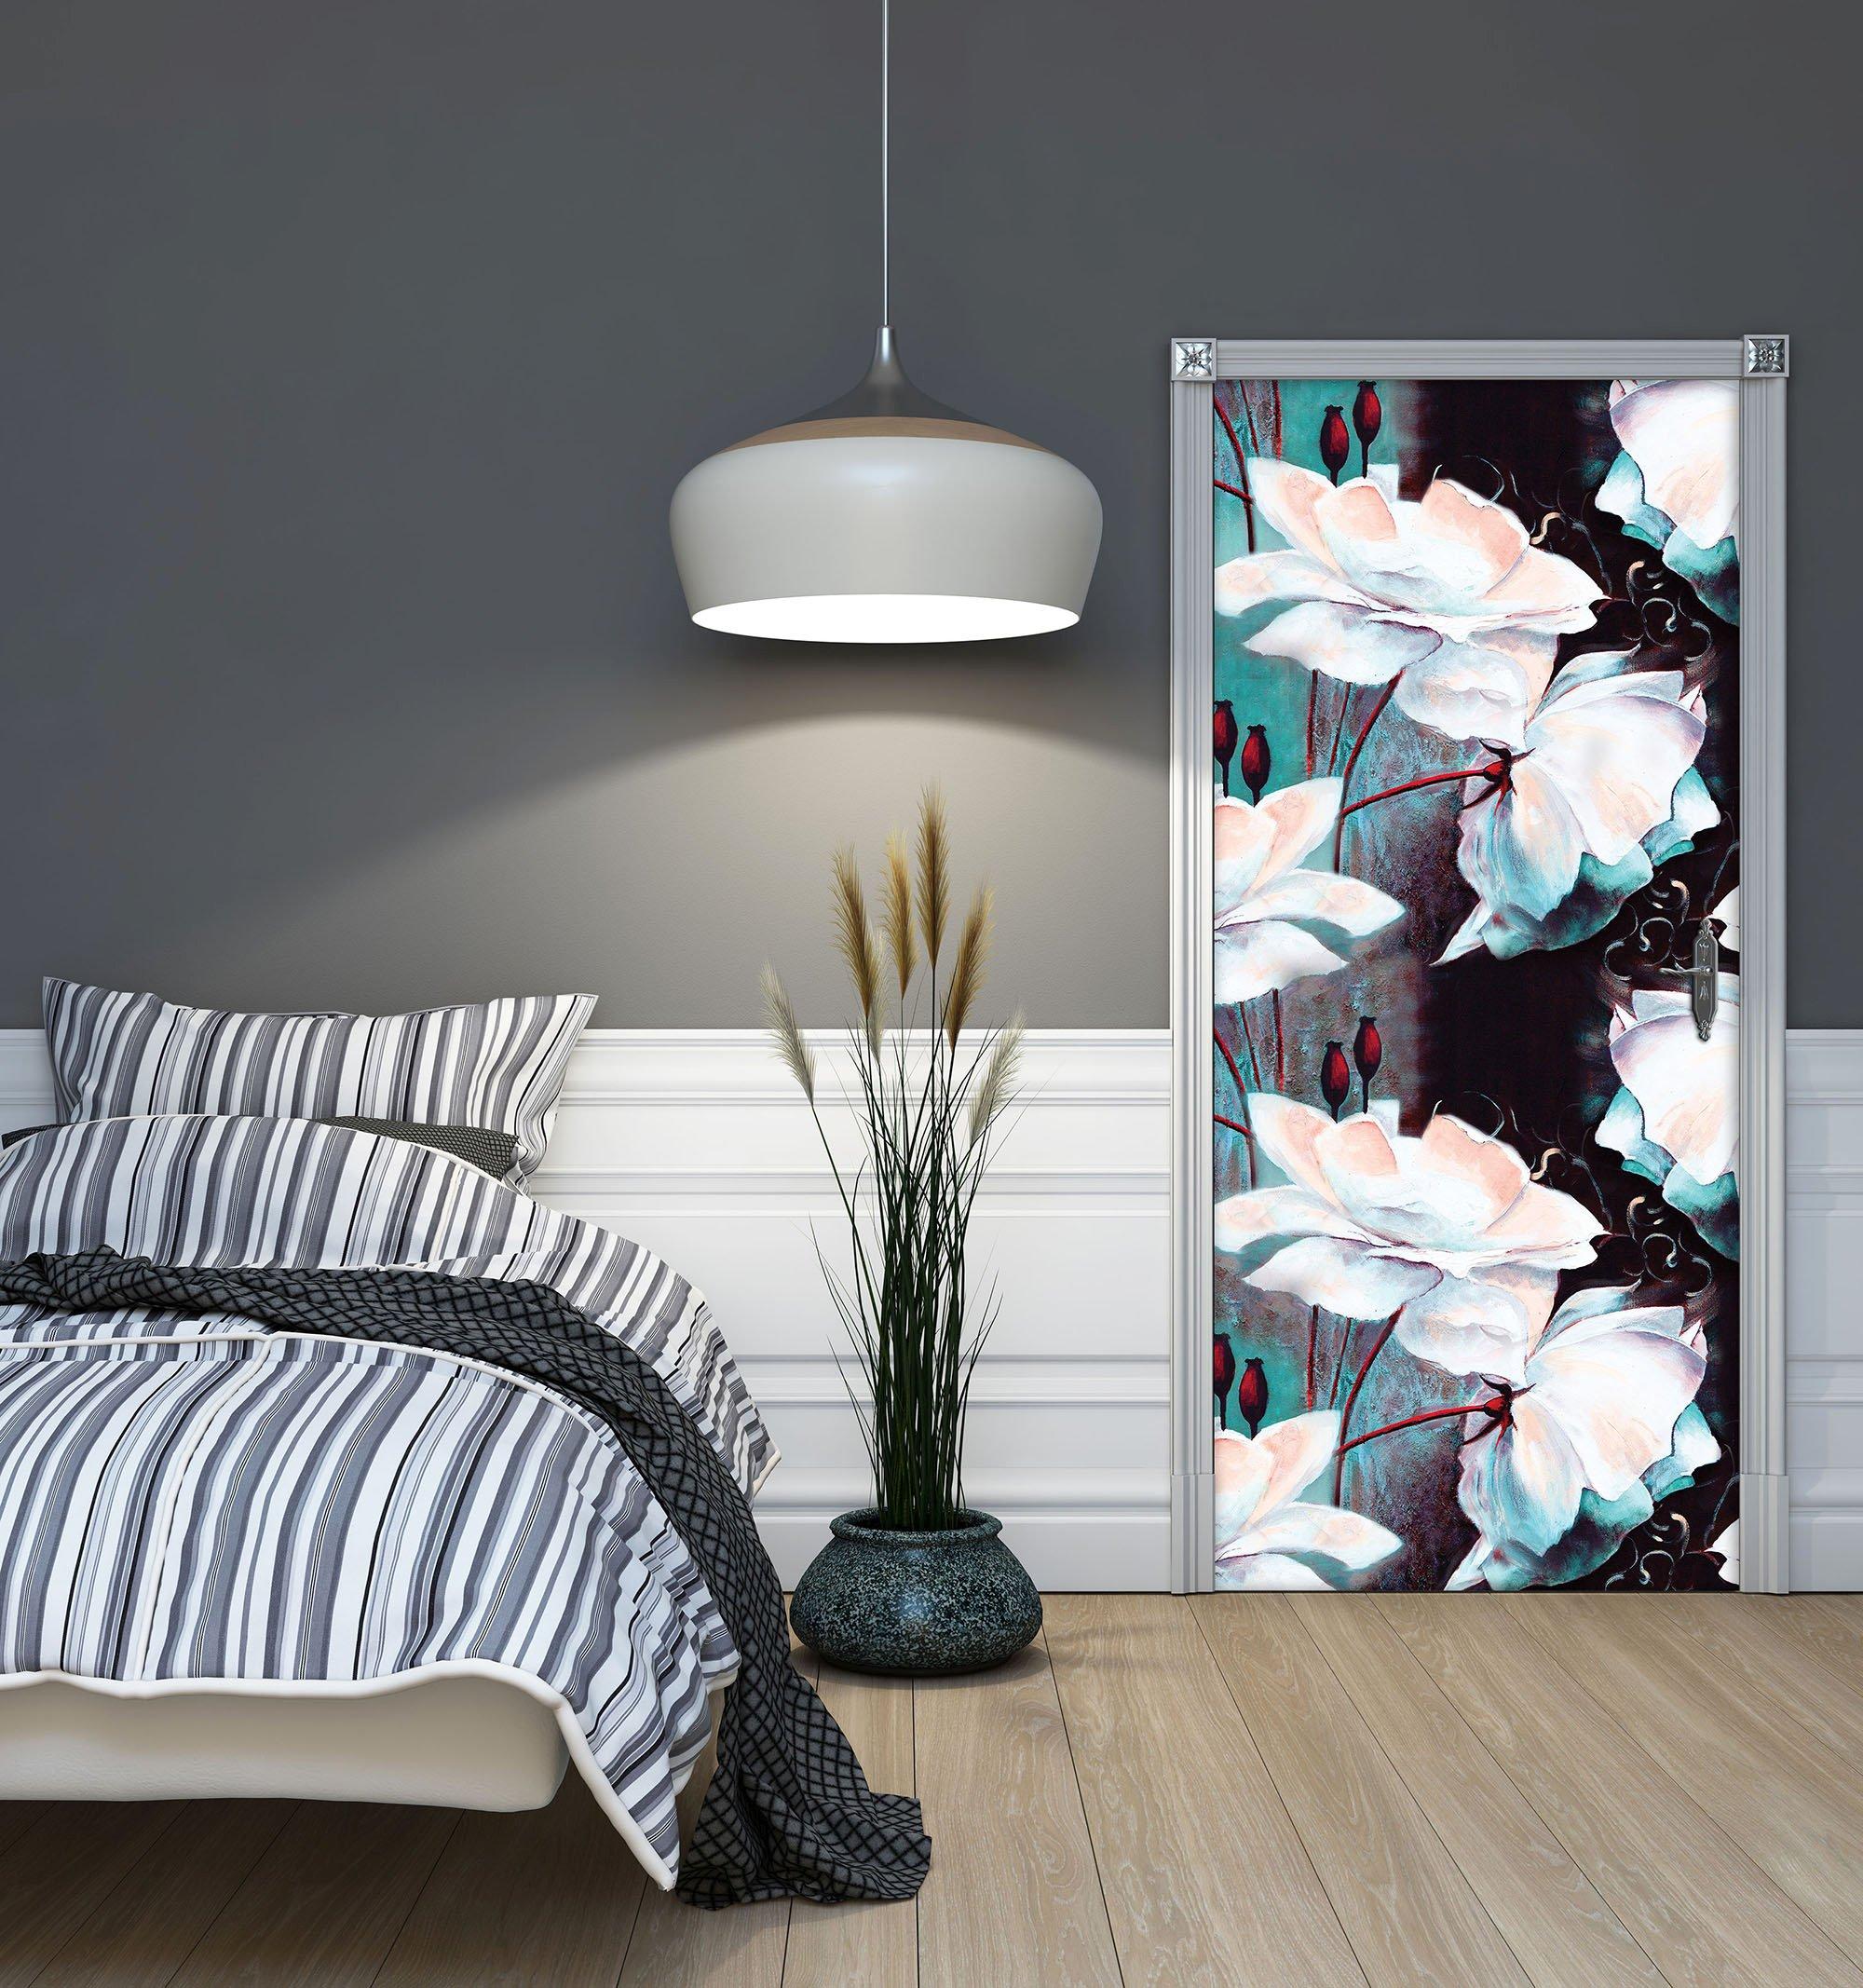 t r fototapete mit blumenmuster in t rkis und schwarz. Black Bedroom Furniture Sets. Home Design Ideas